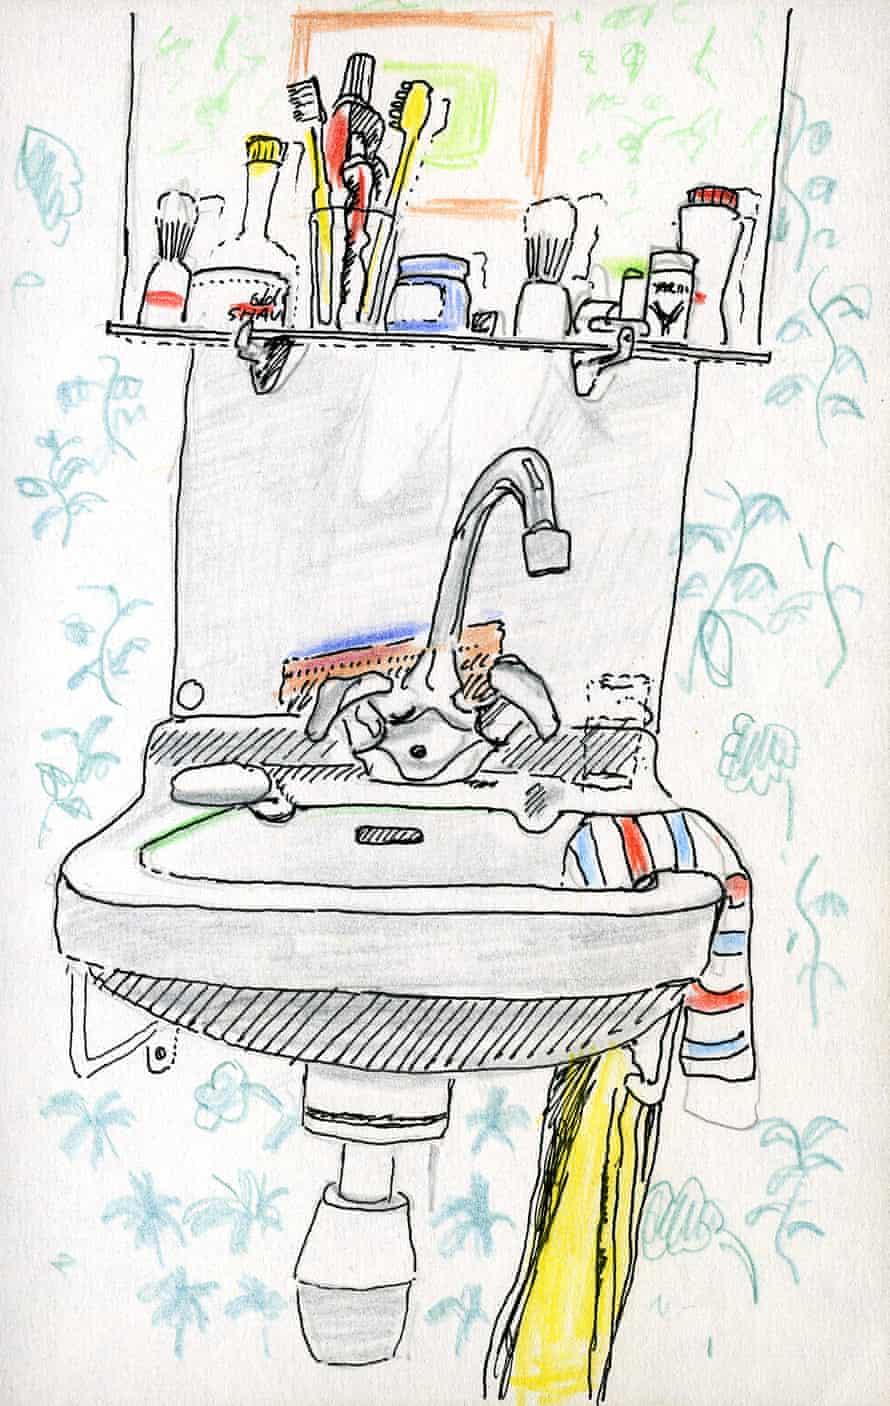 Hotel wash basin sketch by Mike figgis